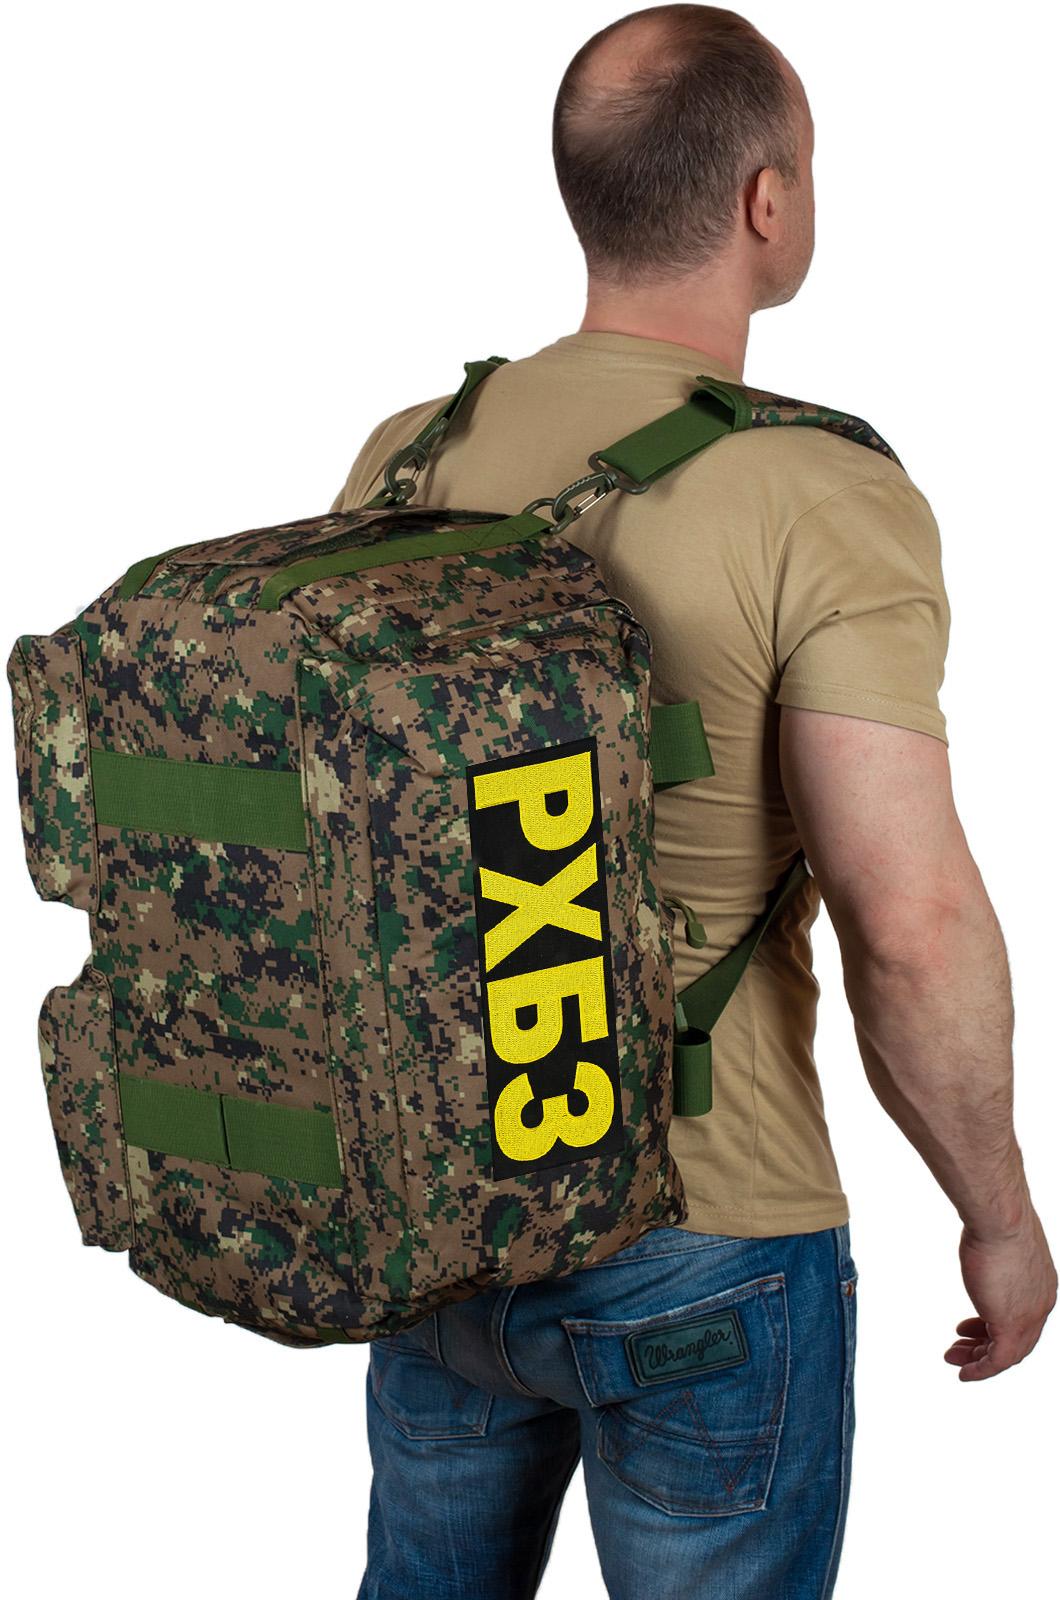 Купить заплечную тактическую сумку-баул РХБЗ по специальной цене